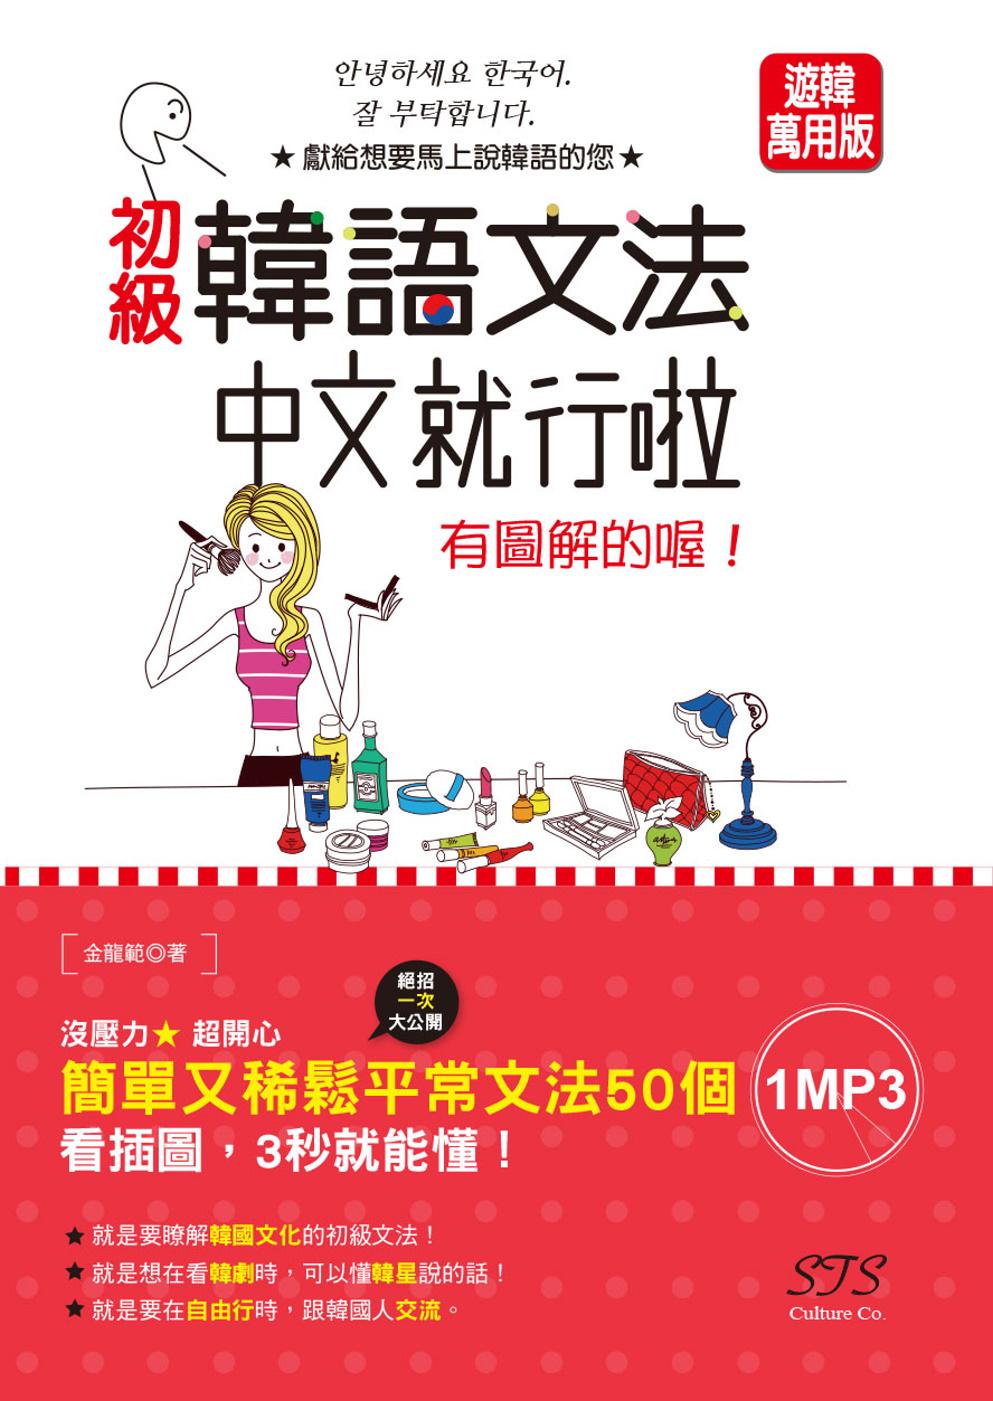 初級韓語文法:中文就行啦 有圖解的喔! 25K MP3